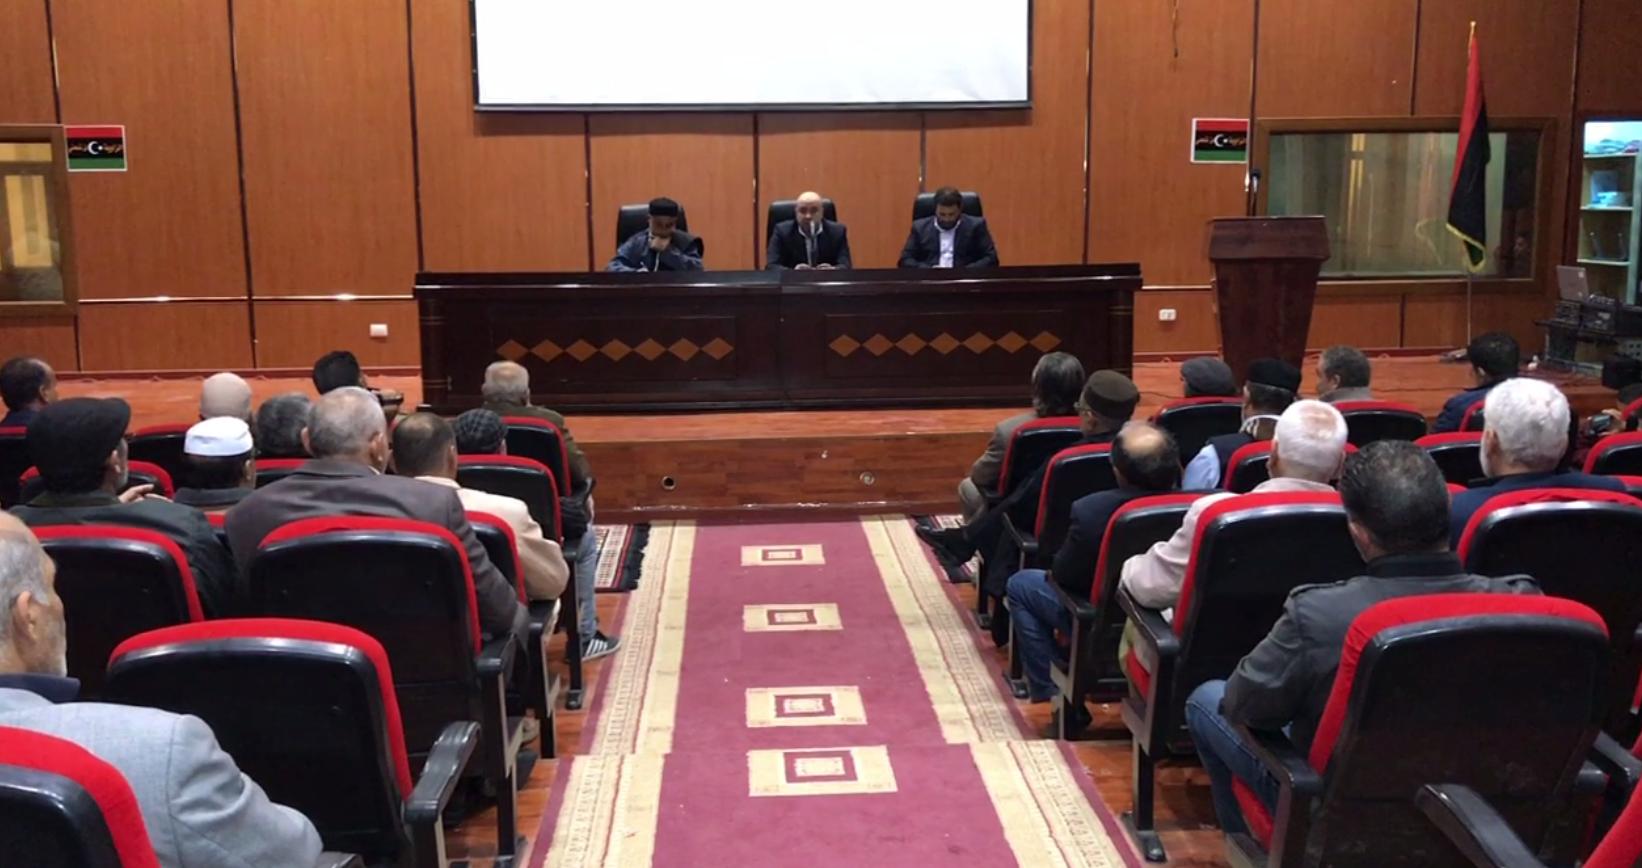 حفل تكريم في بيت الثقافة بالزاوية للشاعرين المشاركين في برنامج شاعر ليبيا